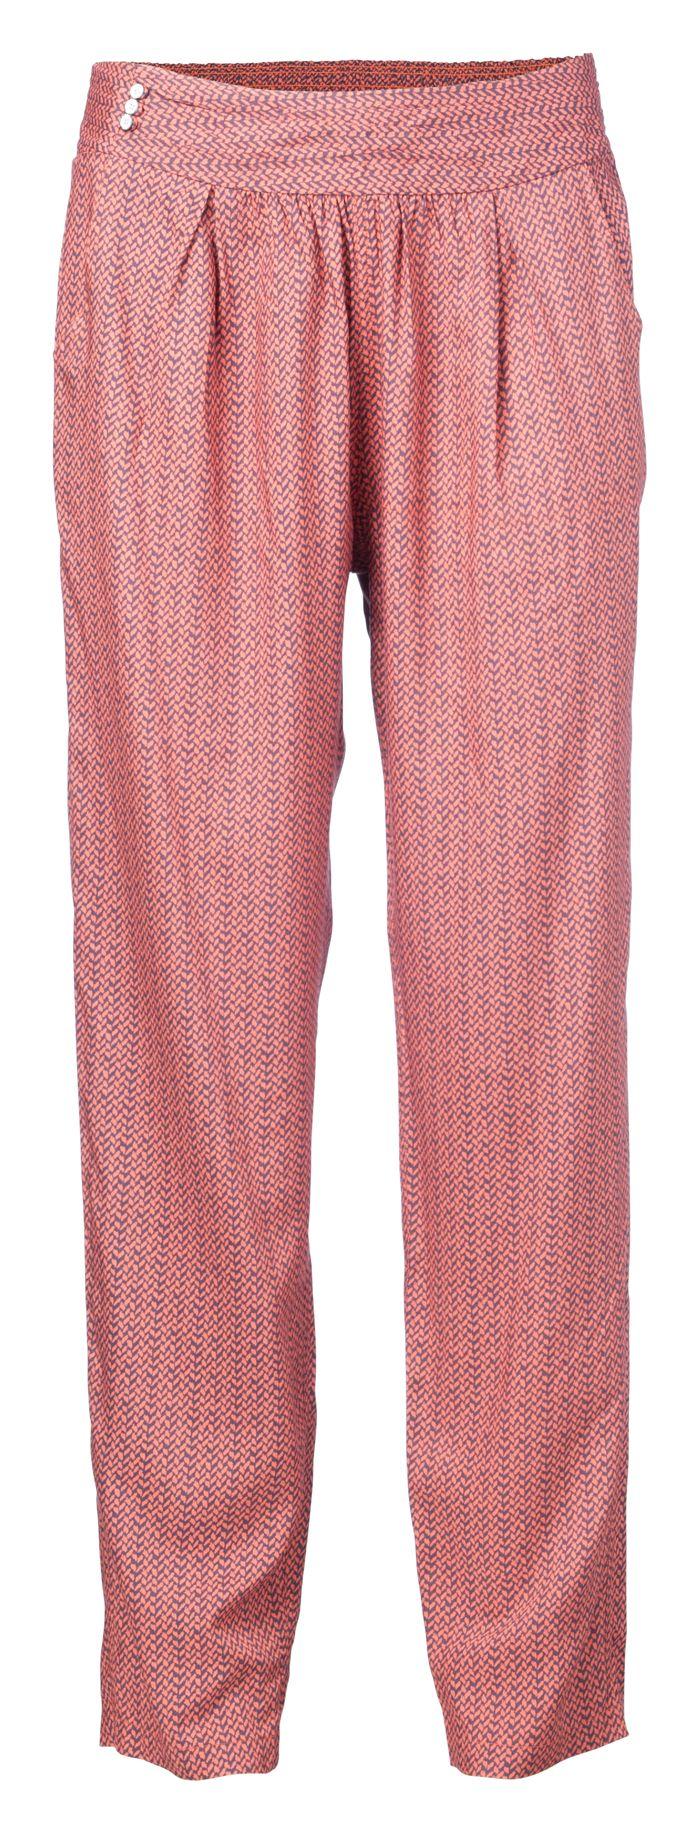 Ya Ya Gathered Trousers - Tawny Orange Dessin